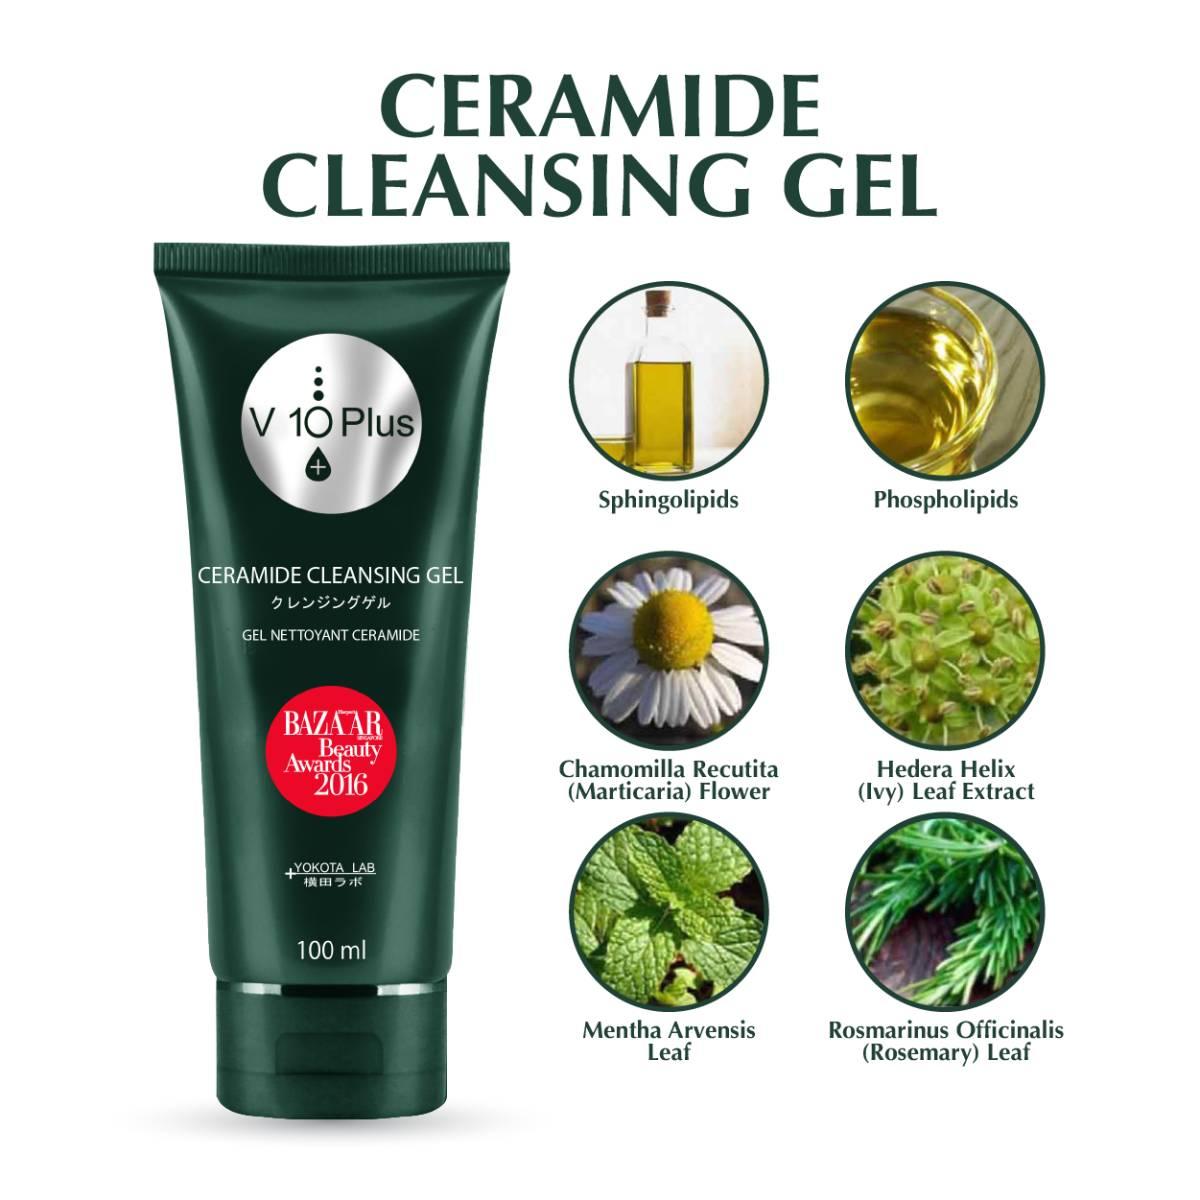 V10 Plus Ceramide Cleansing Gel1